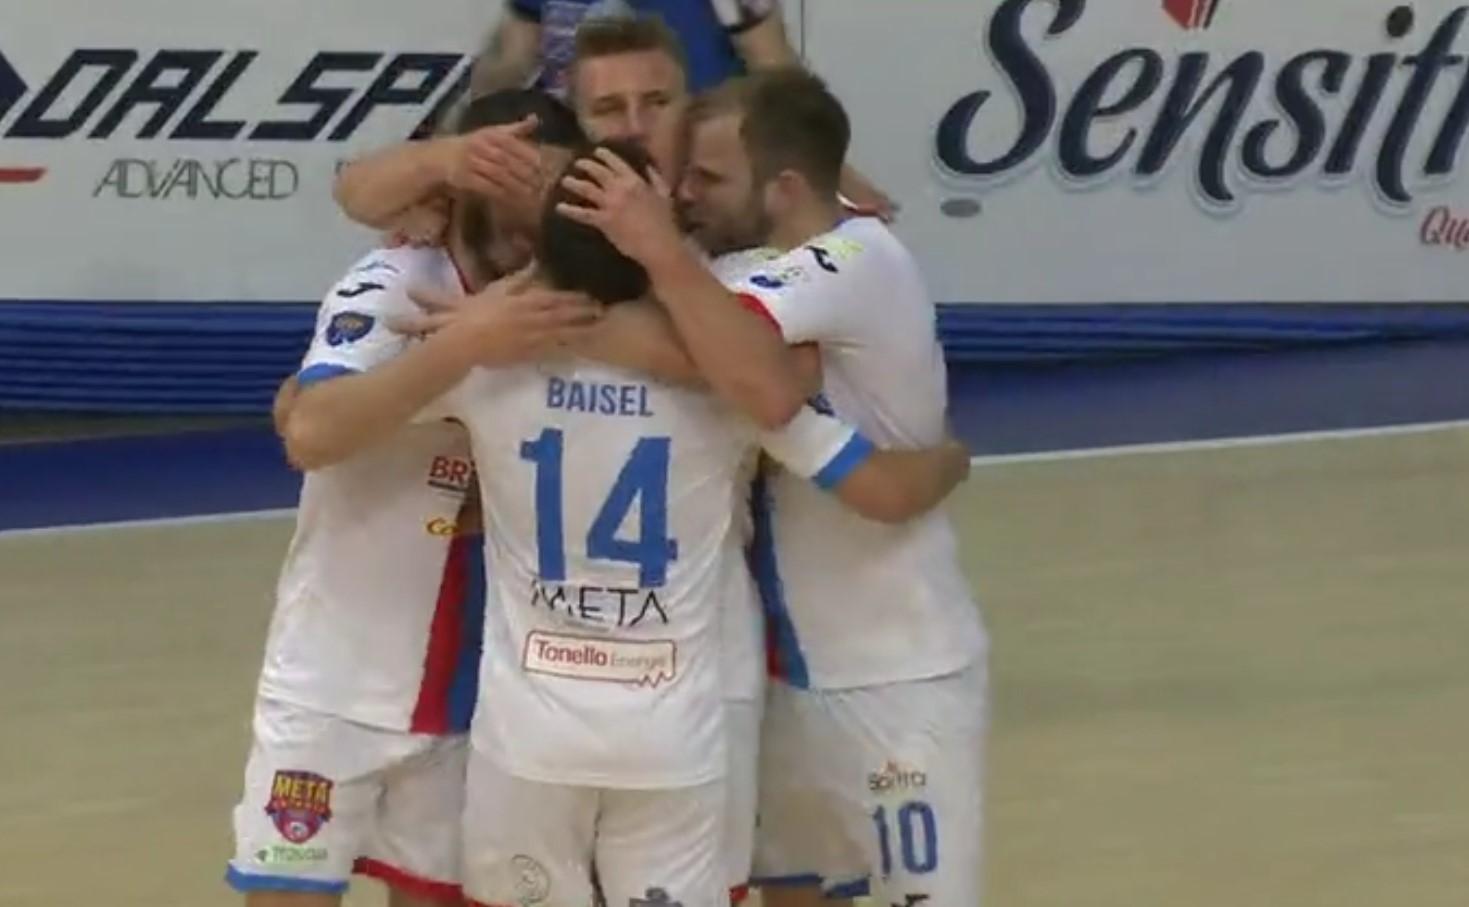 Playoff Scudetto, gara 3: Impresa Meta Catania Bricocity, la storia è scritta, si vola in semifinale.